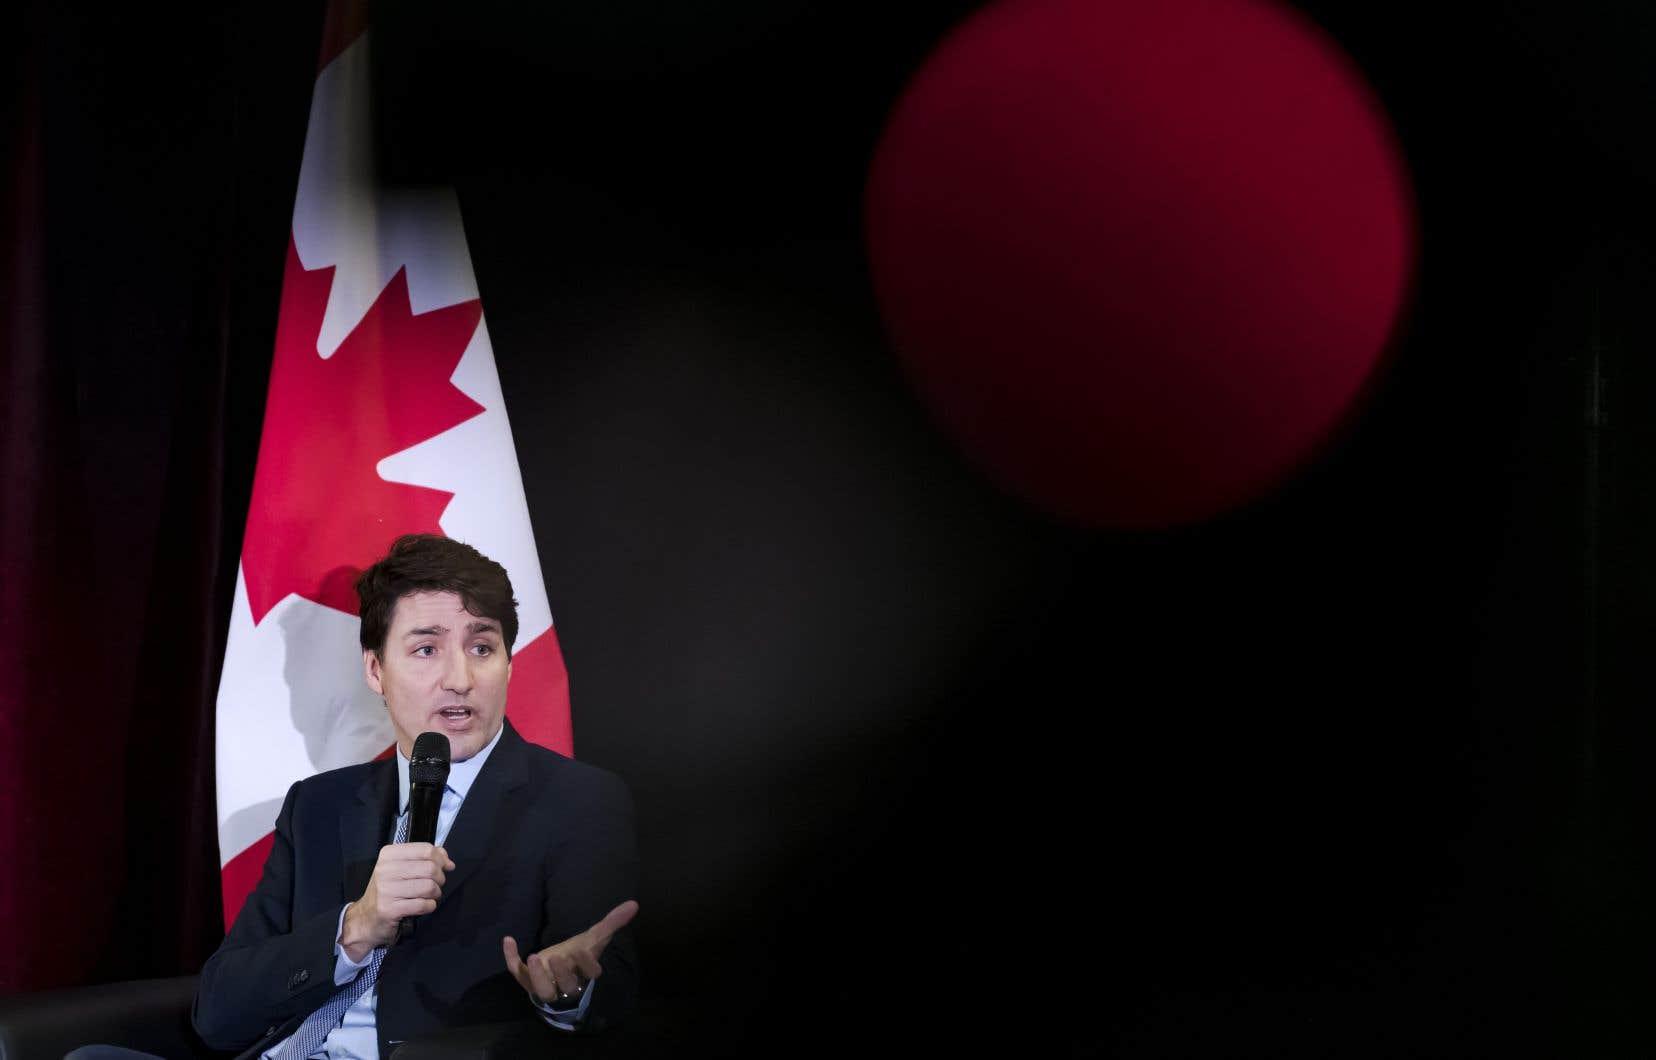 Le premier ministre Justin Trudeau présentera des excuses jeudi au nom du gouvernement pour les mauvais traitements infligés aux Inuits pendant les épidémies de tuberculose.